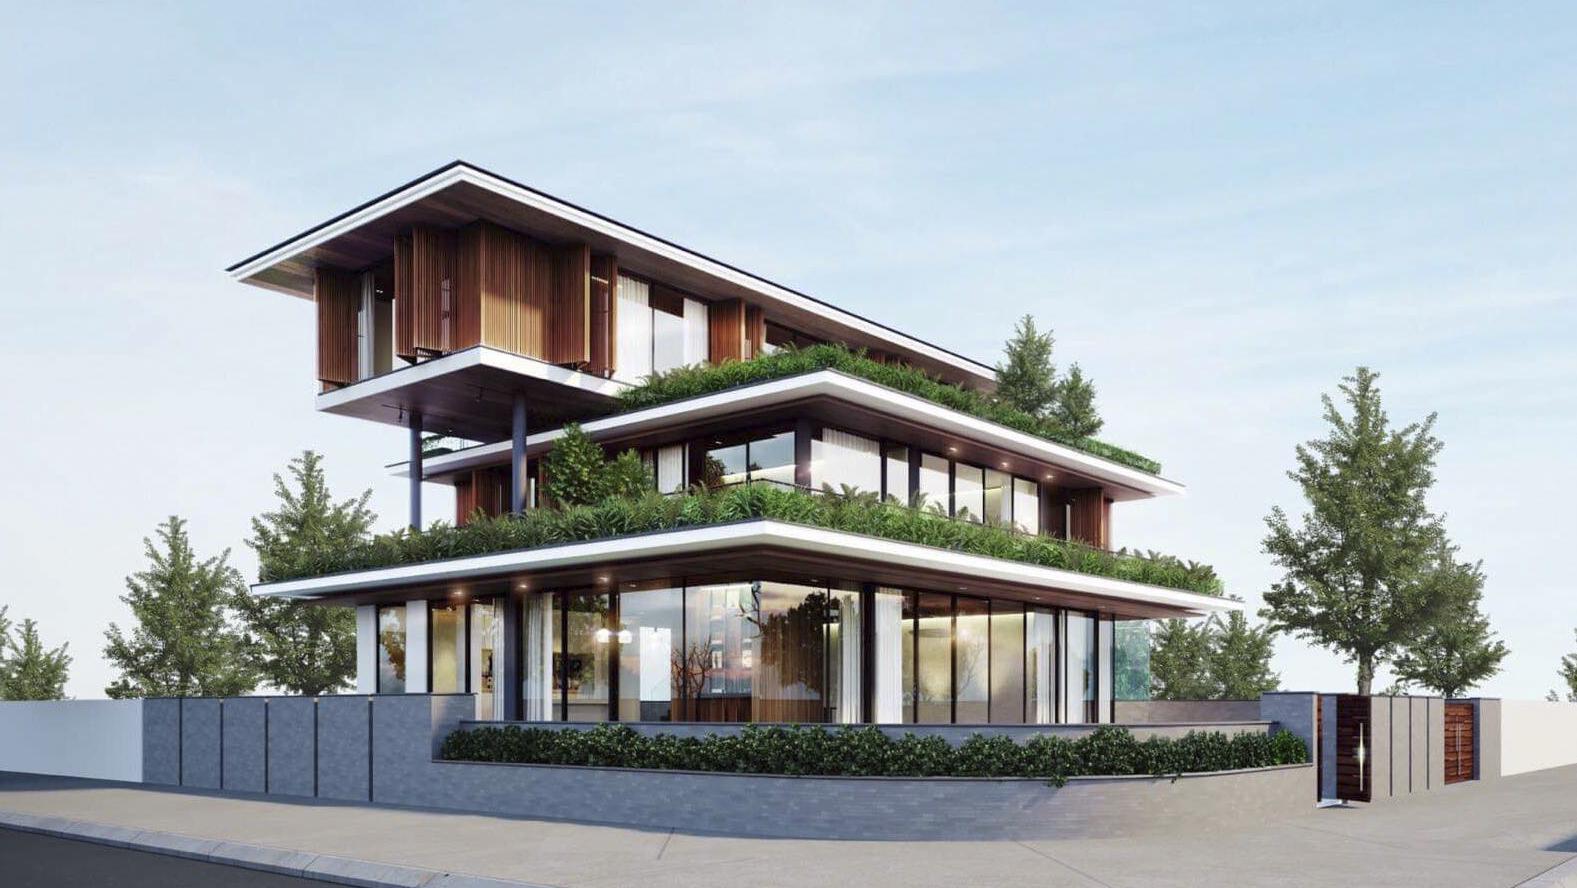 Thiết kế biệt thự phong cách hiện đại có cây xanh